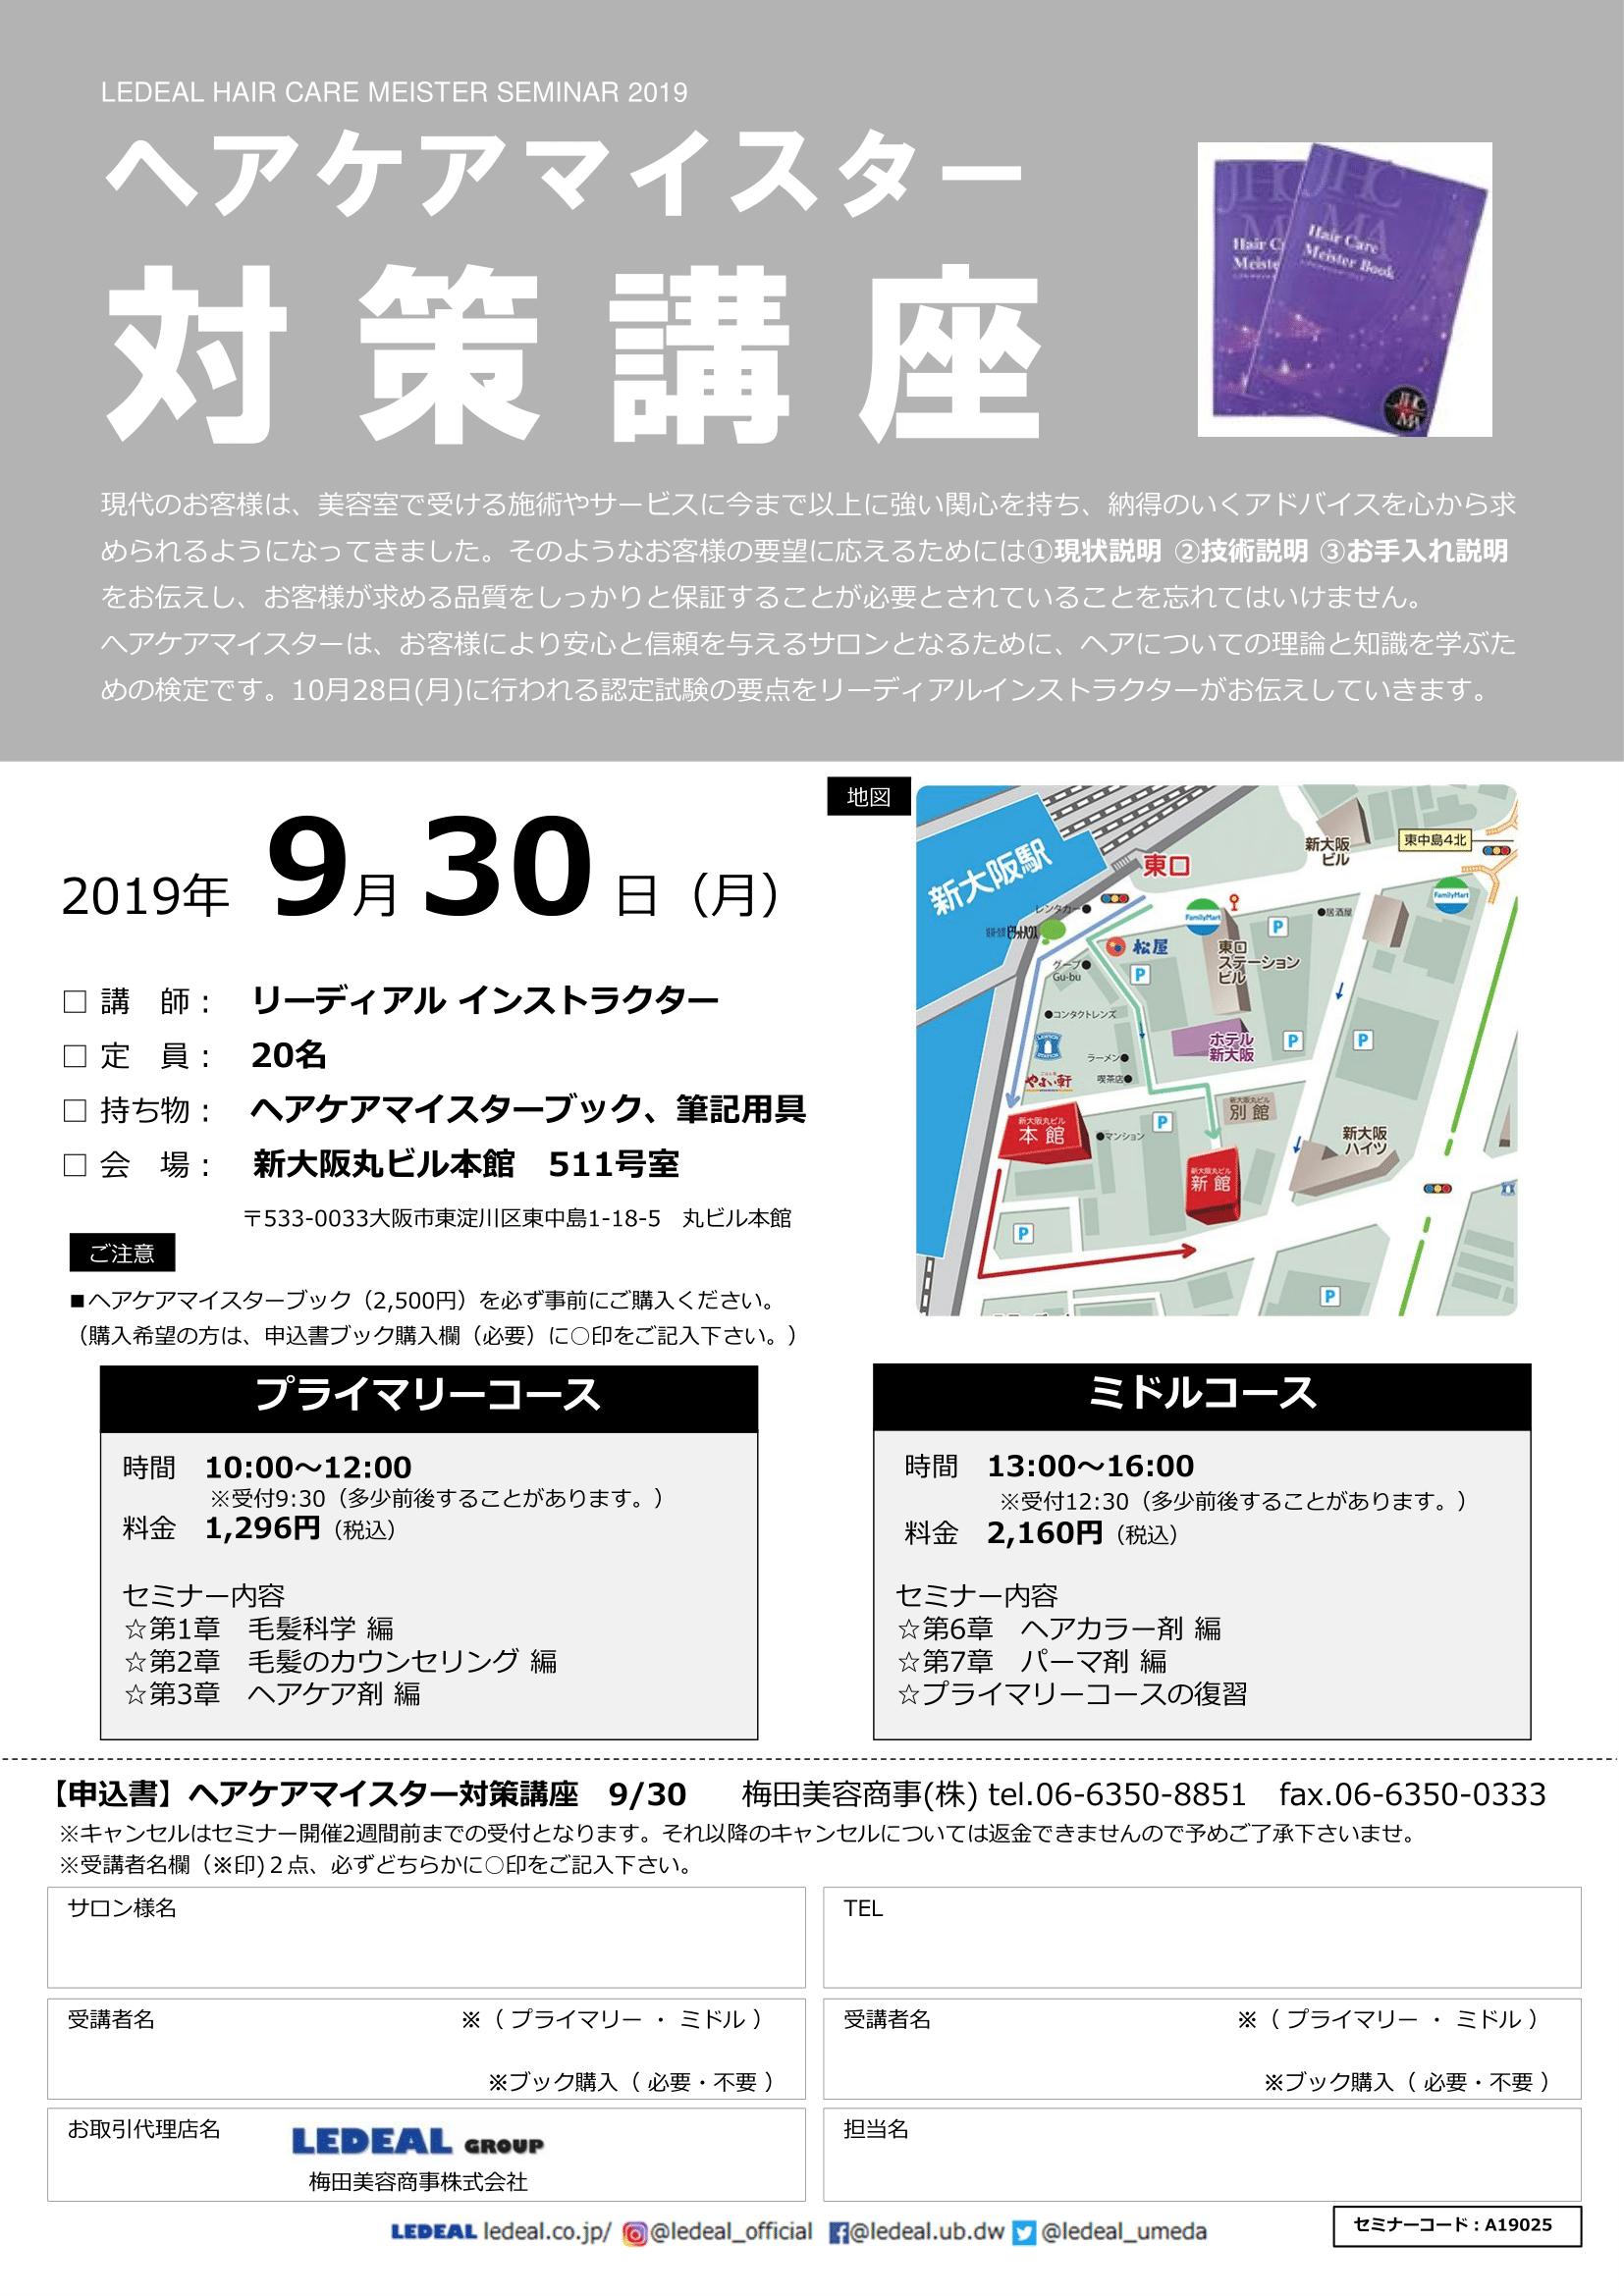 【大阪】ヘアケアマイスター対策講座プライマリーコース